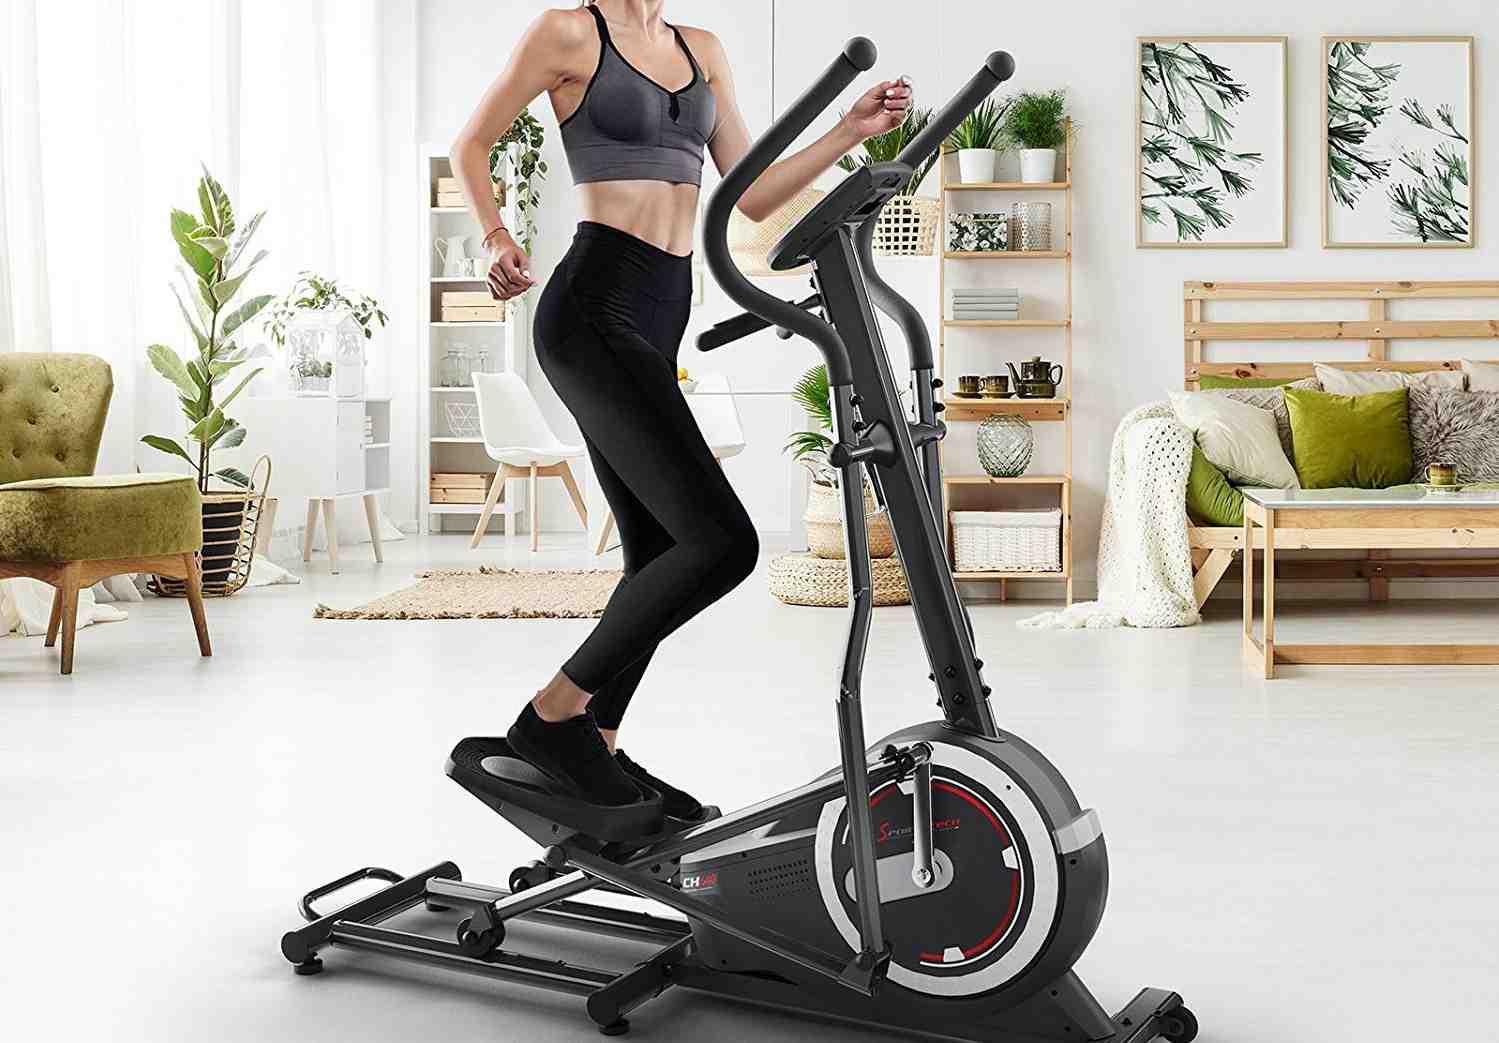 Quels exercices cardio à la maison?